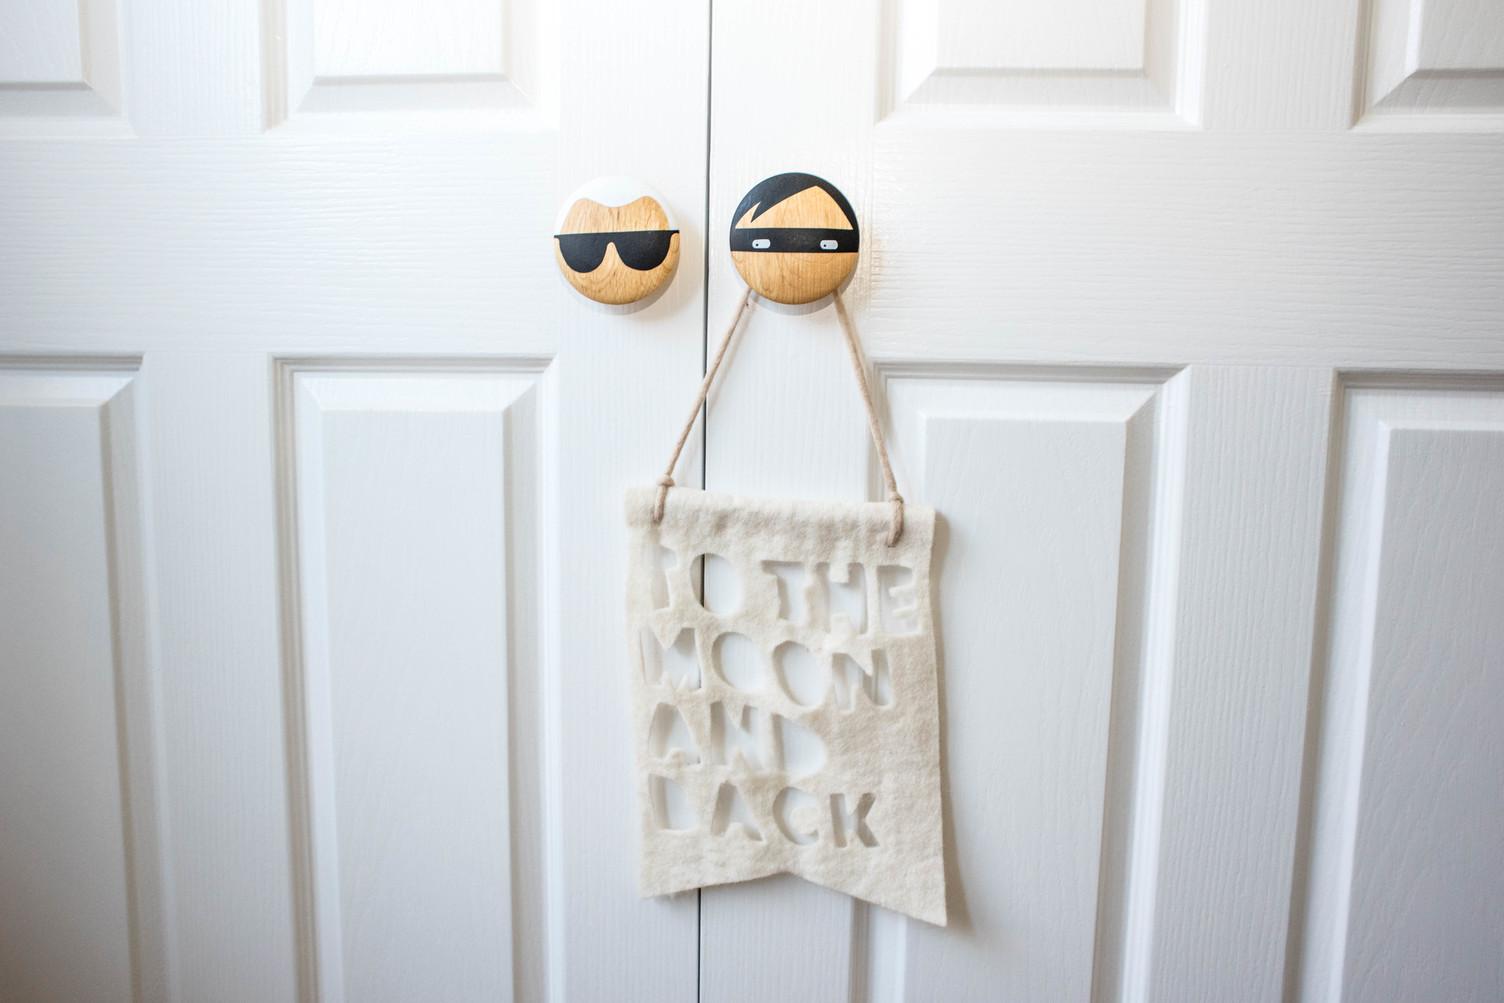 Wall hooks as door handles